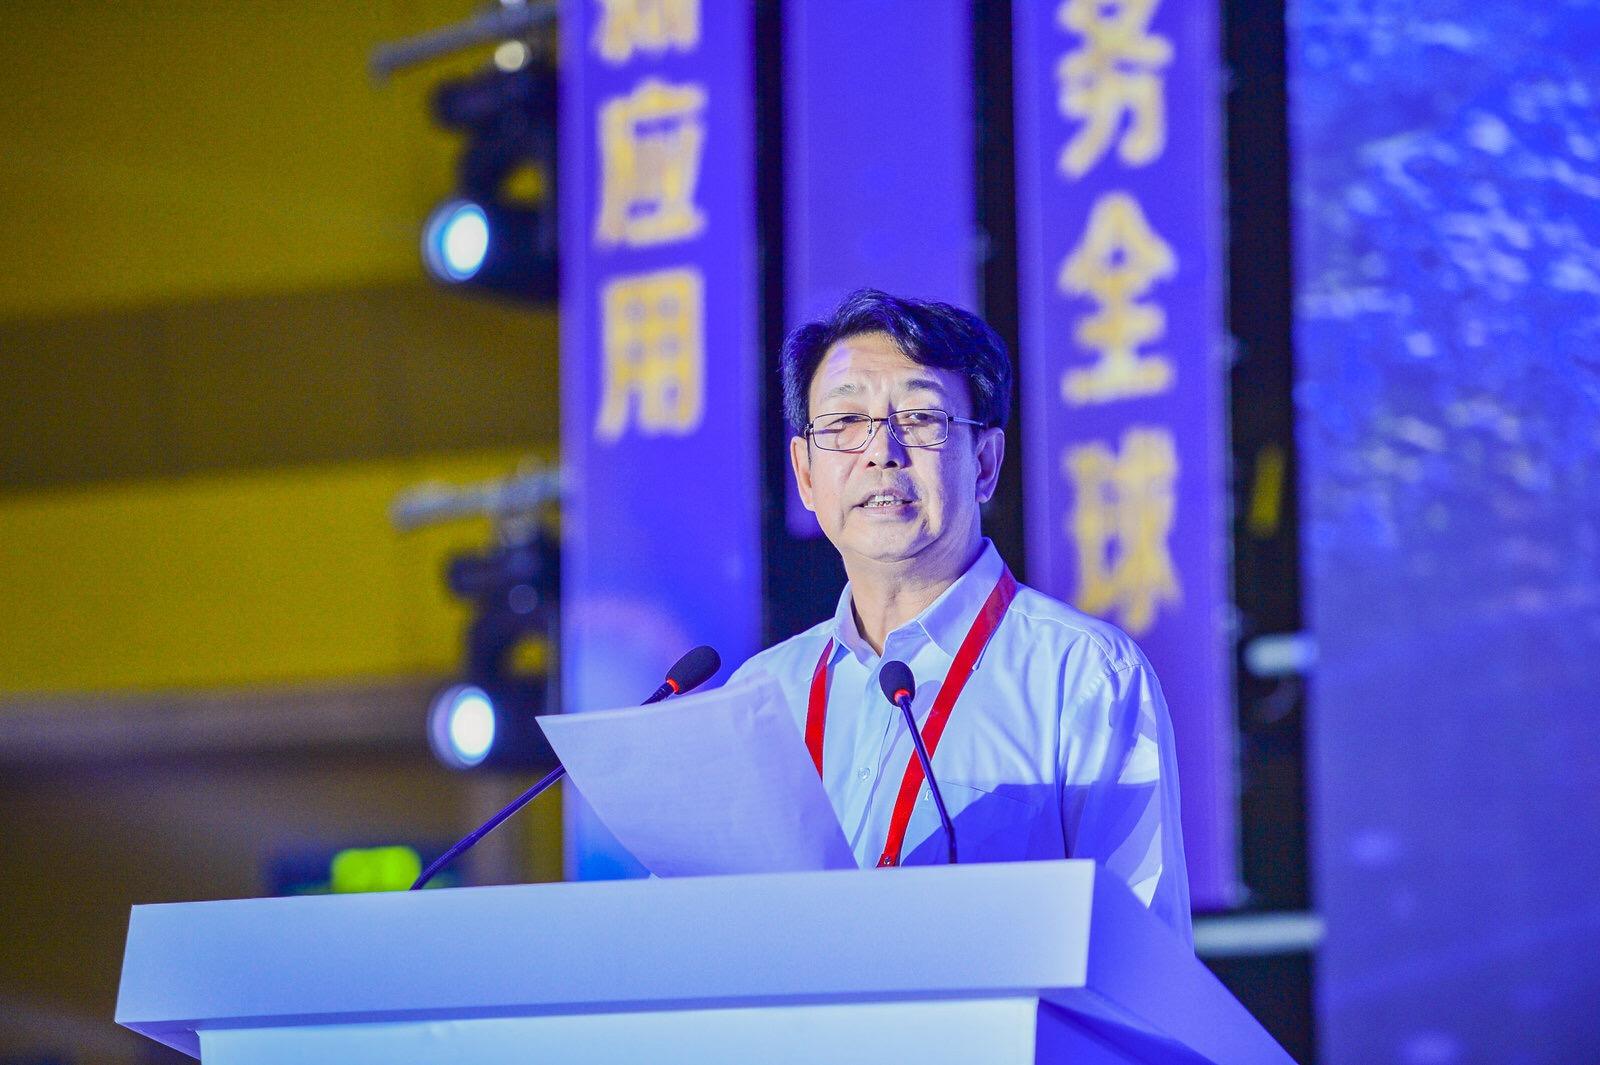 中位协会长于贤成在中国卫星导航与位置服务第八届年会暨中国北斗应用大会上讲话